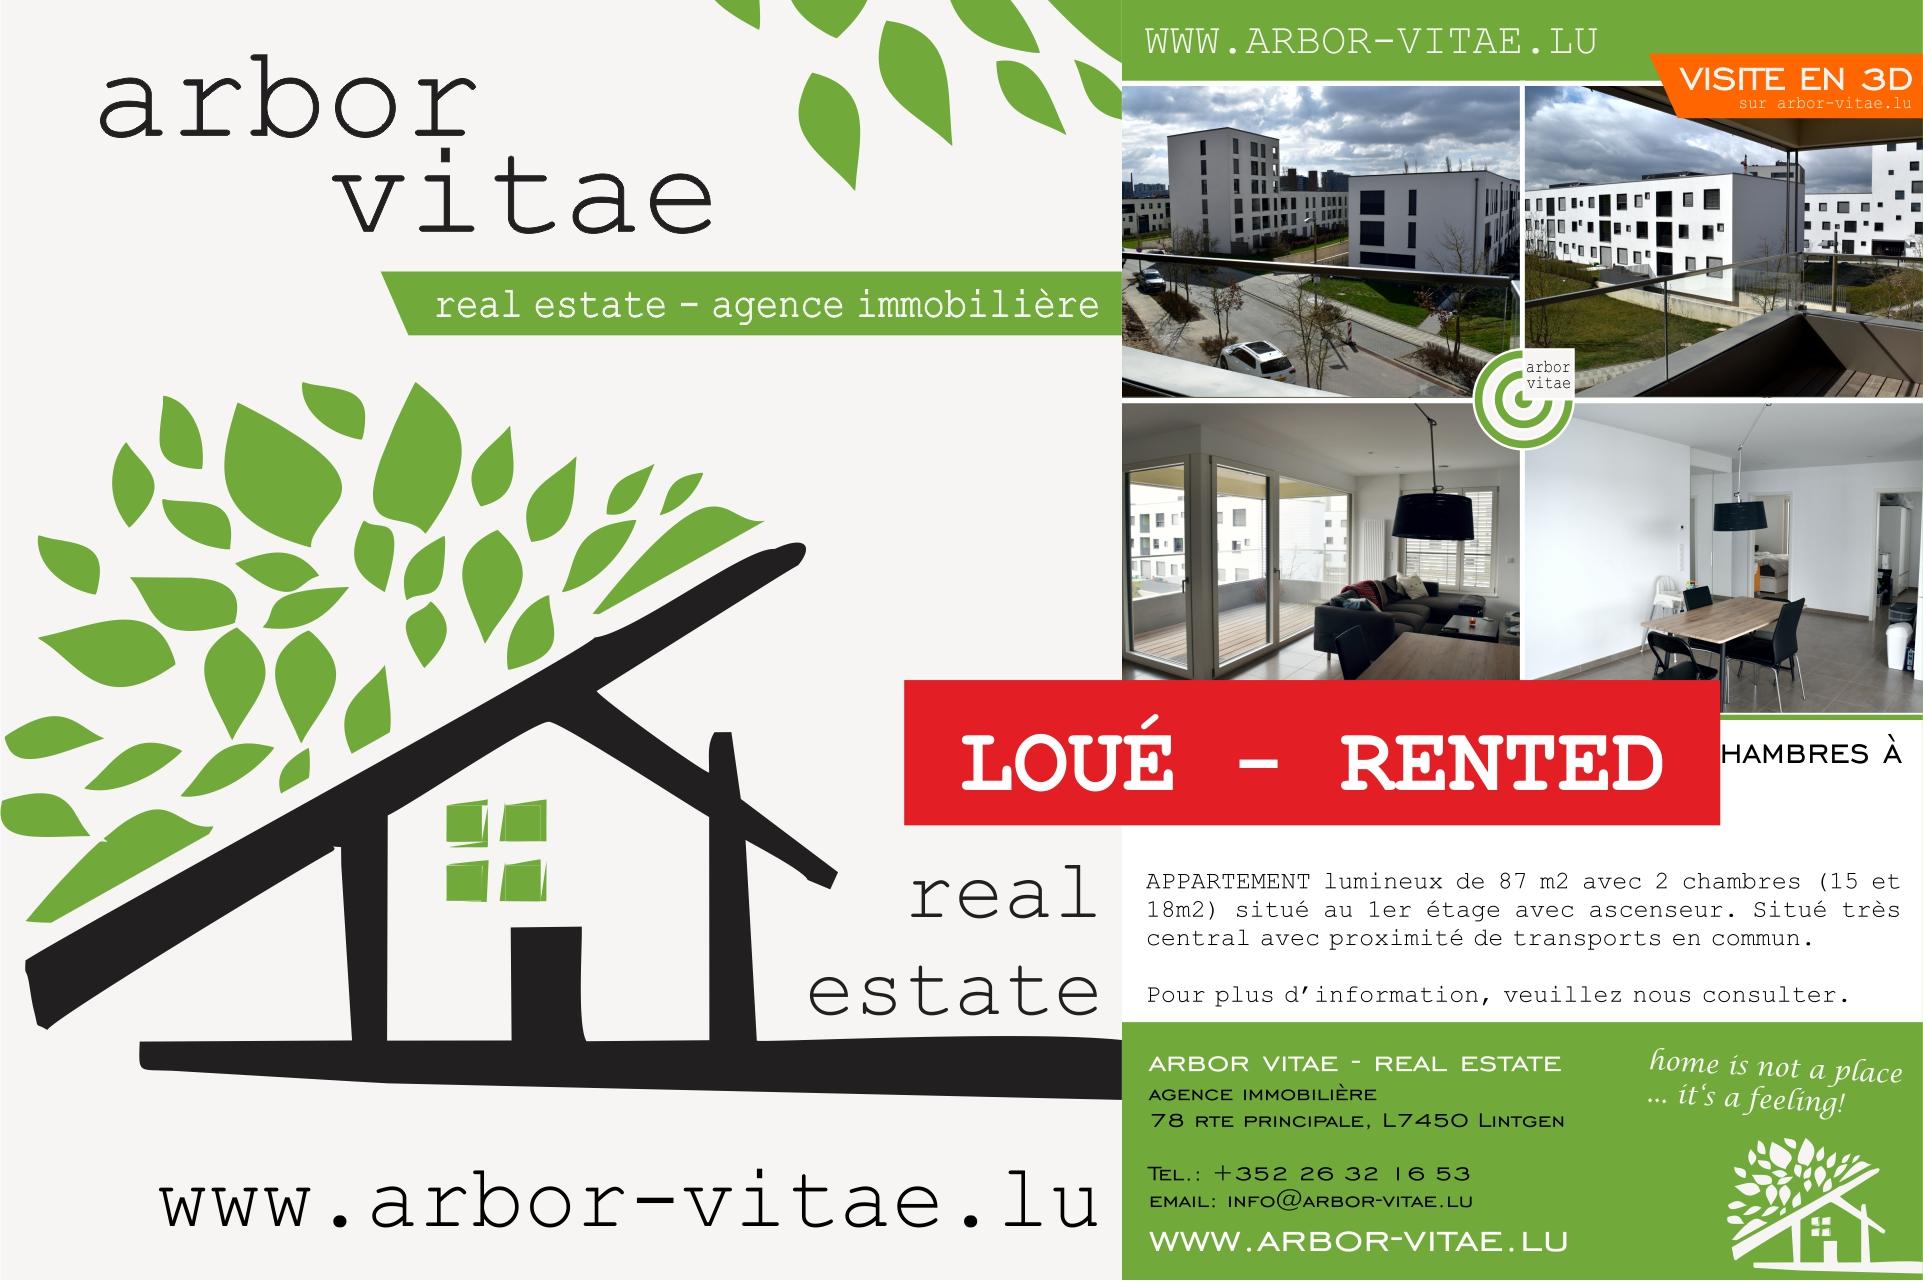 Belvaux, 4408, 2 Bedrooms Bedrooms, ,Apartment,For Rent,Platon,rue de Waasertrap,1,1003